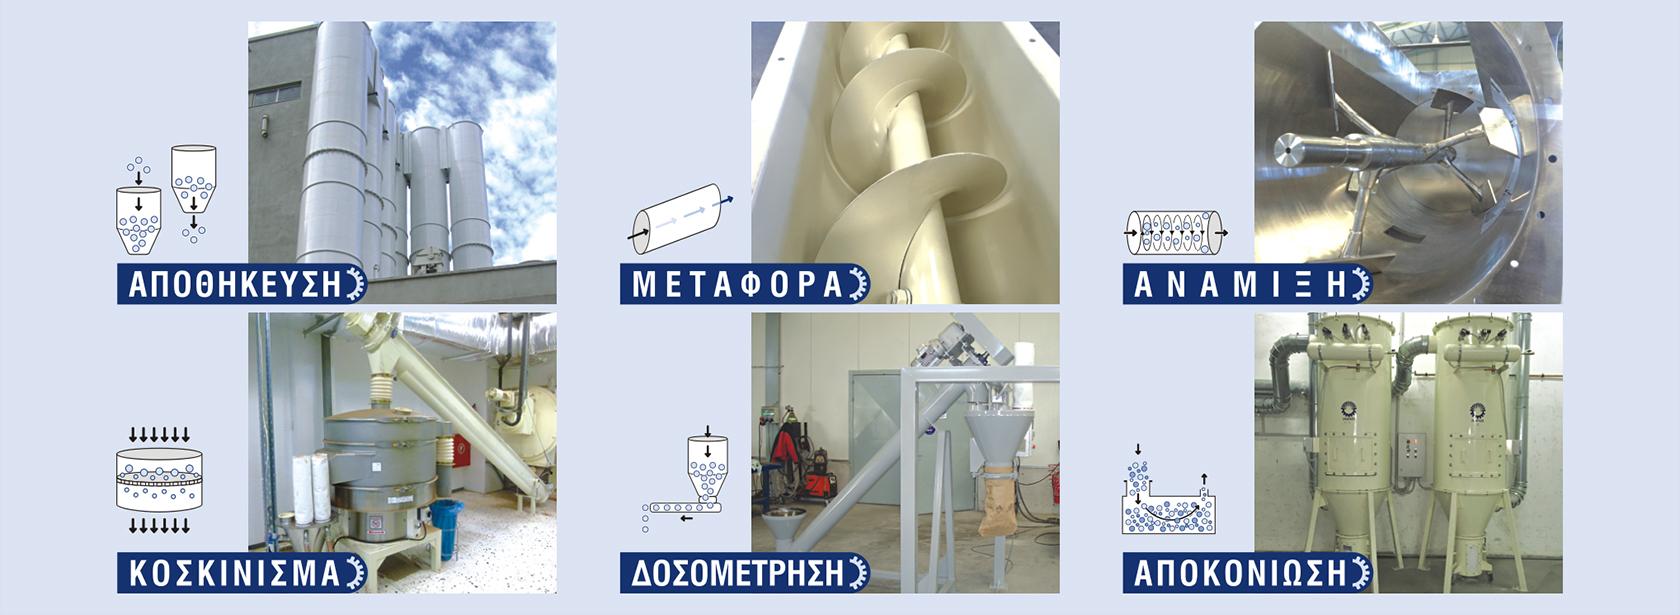 ΒΡΑΪΚΟΣ (Vraykos) βιομηχανικοι αυτοματισμοι, συστηματα αυτοματισμου